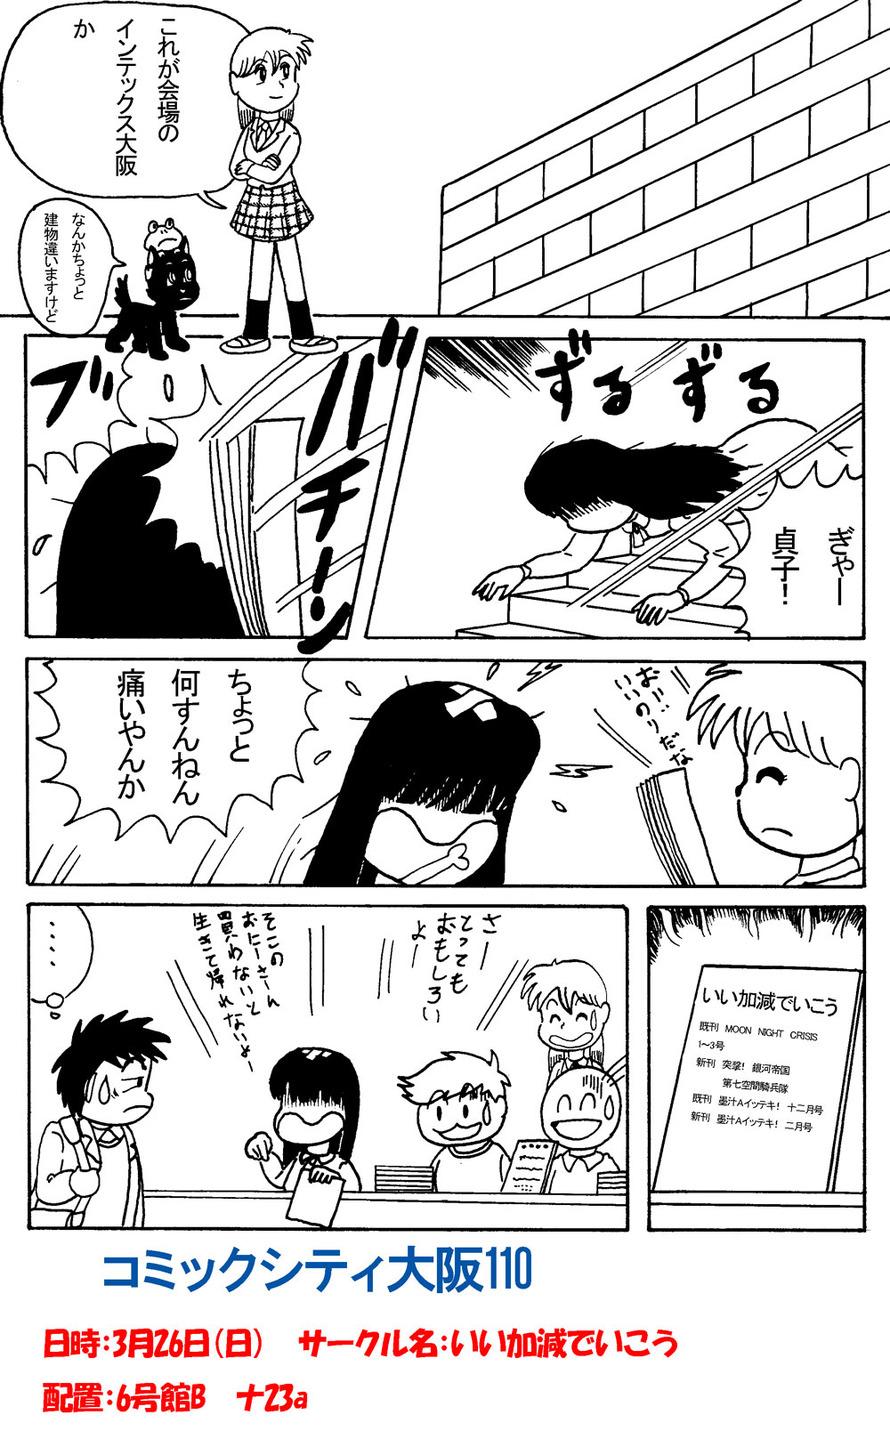 コミックシティ大阪110